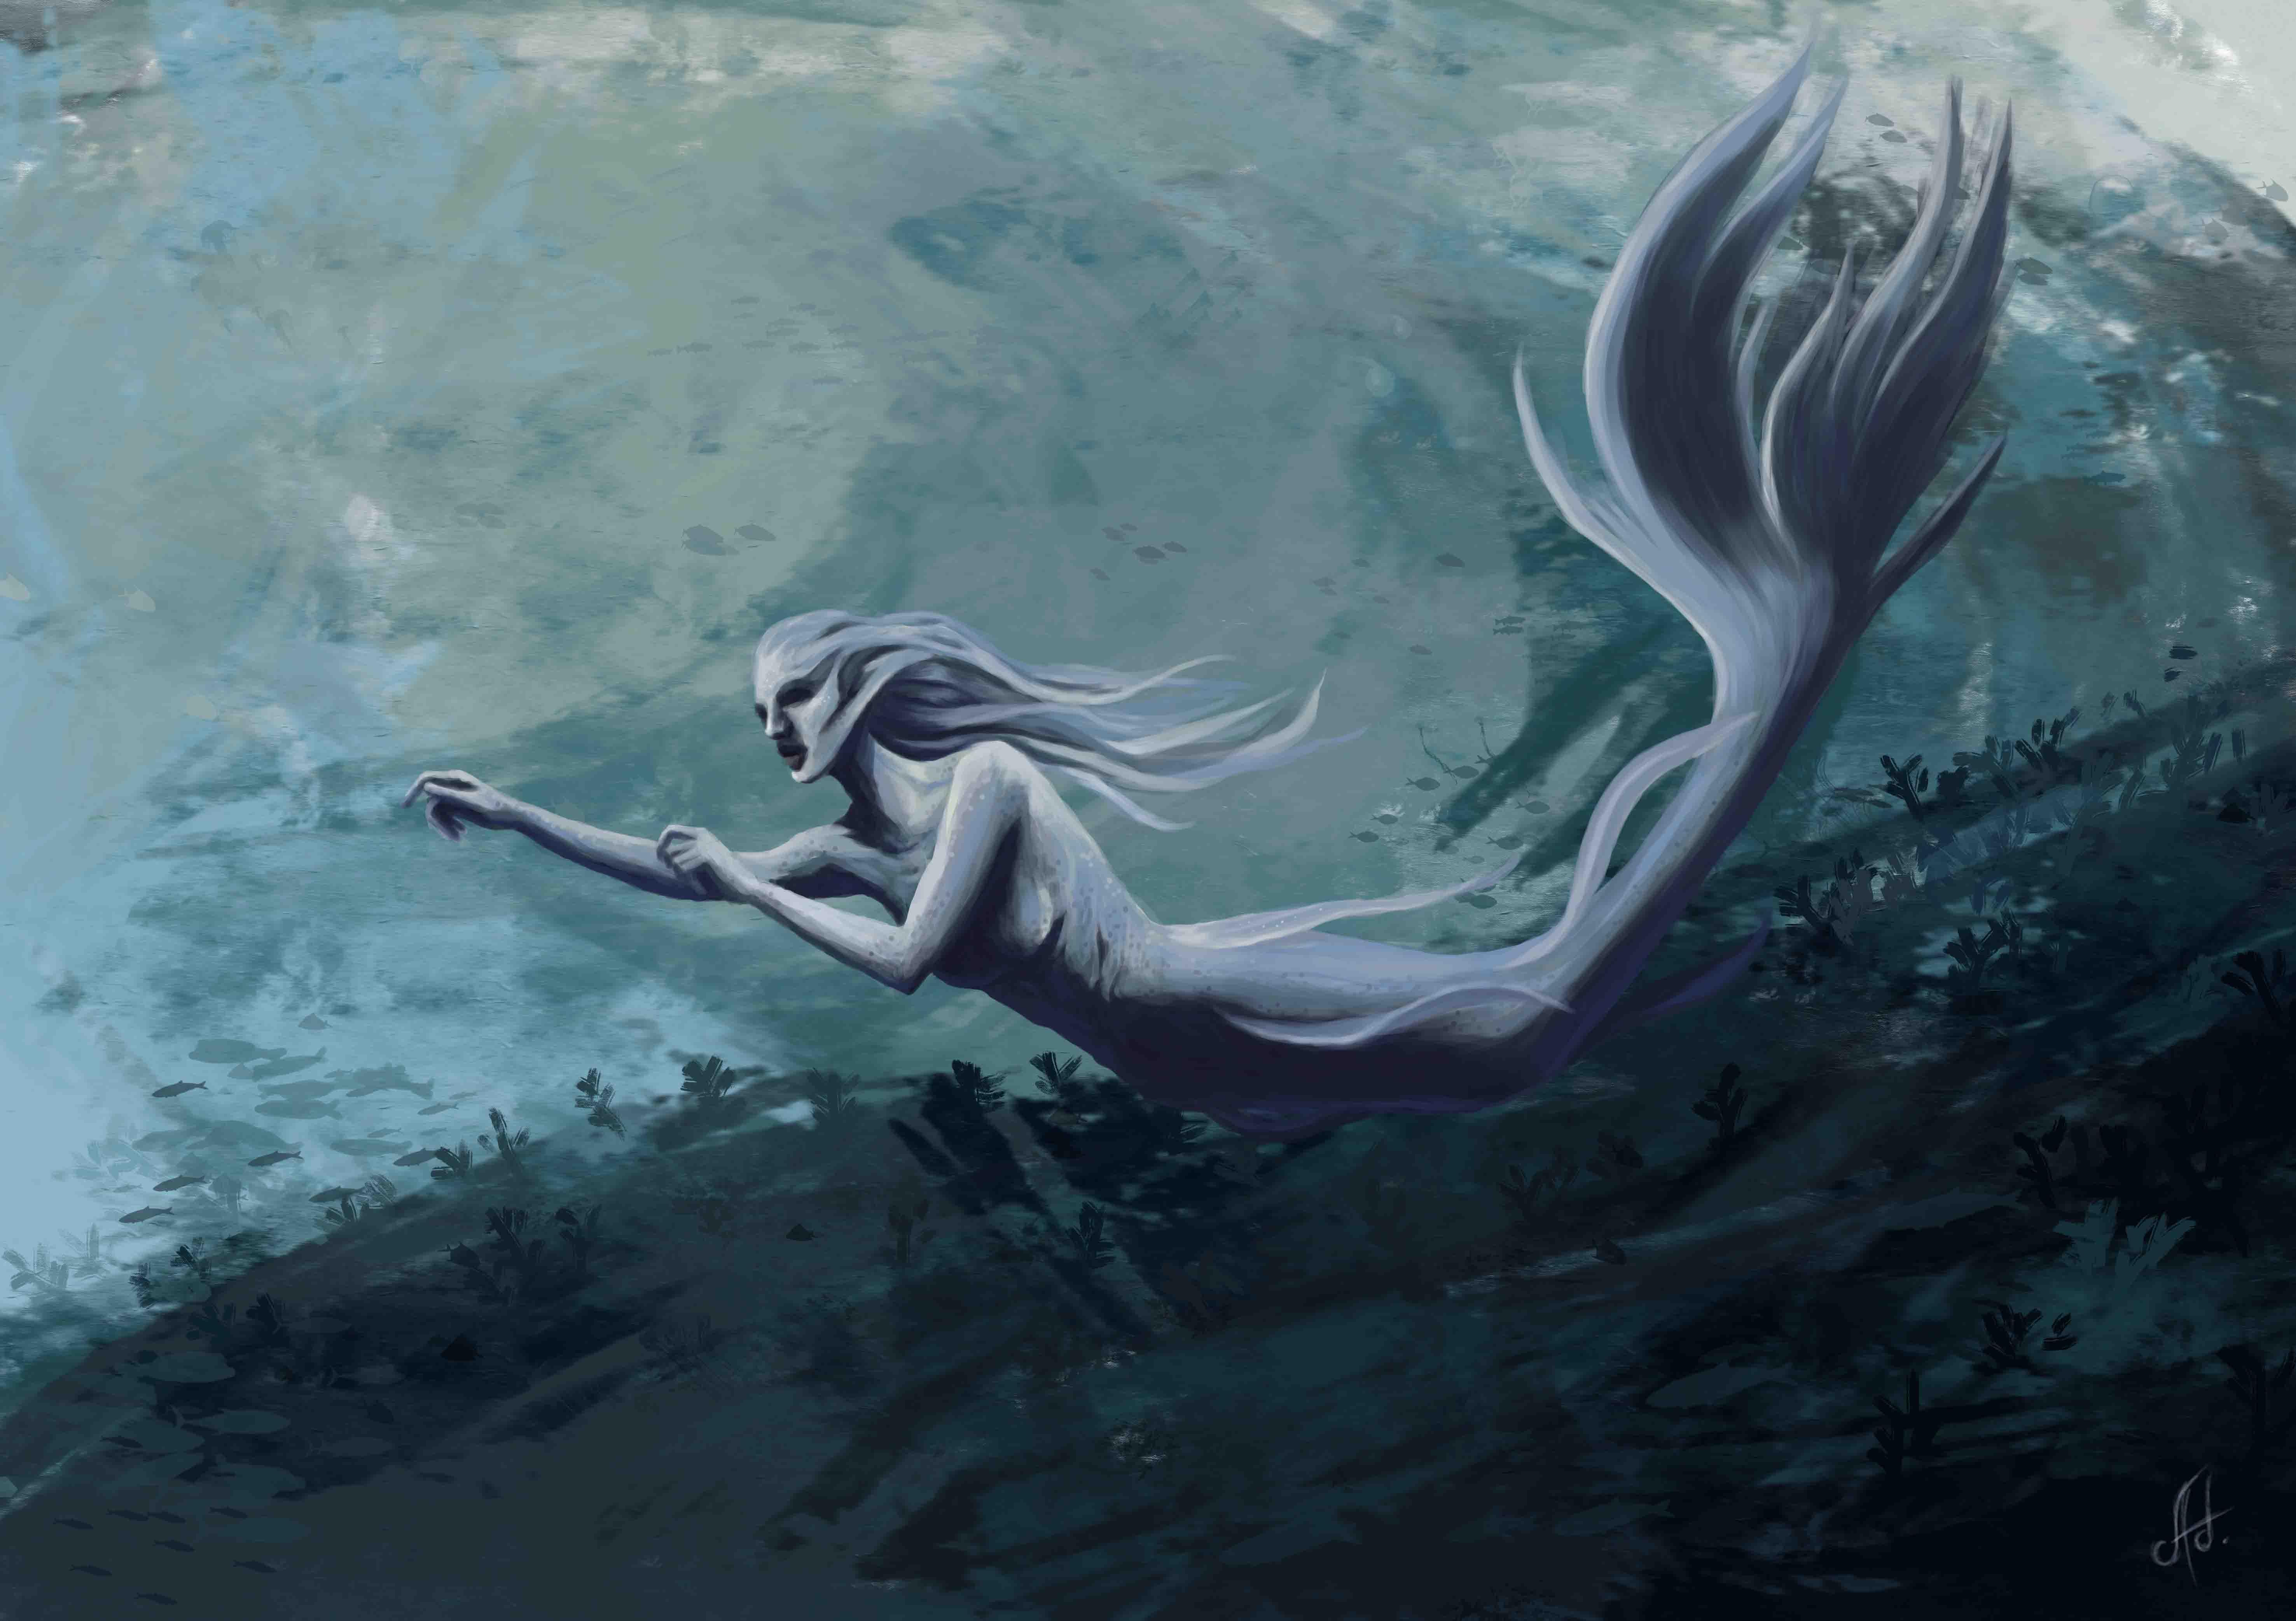 Morská panna (Adel)